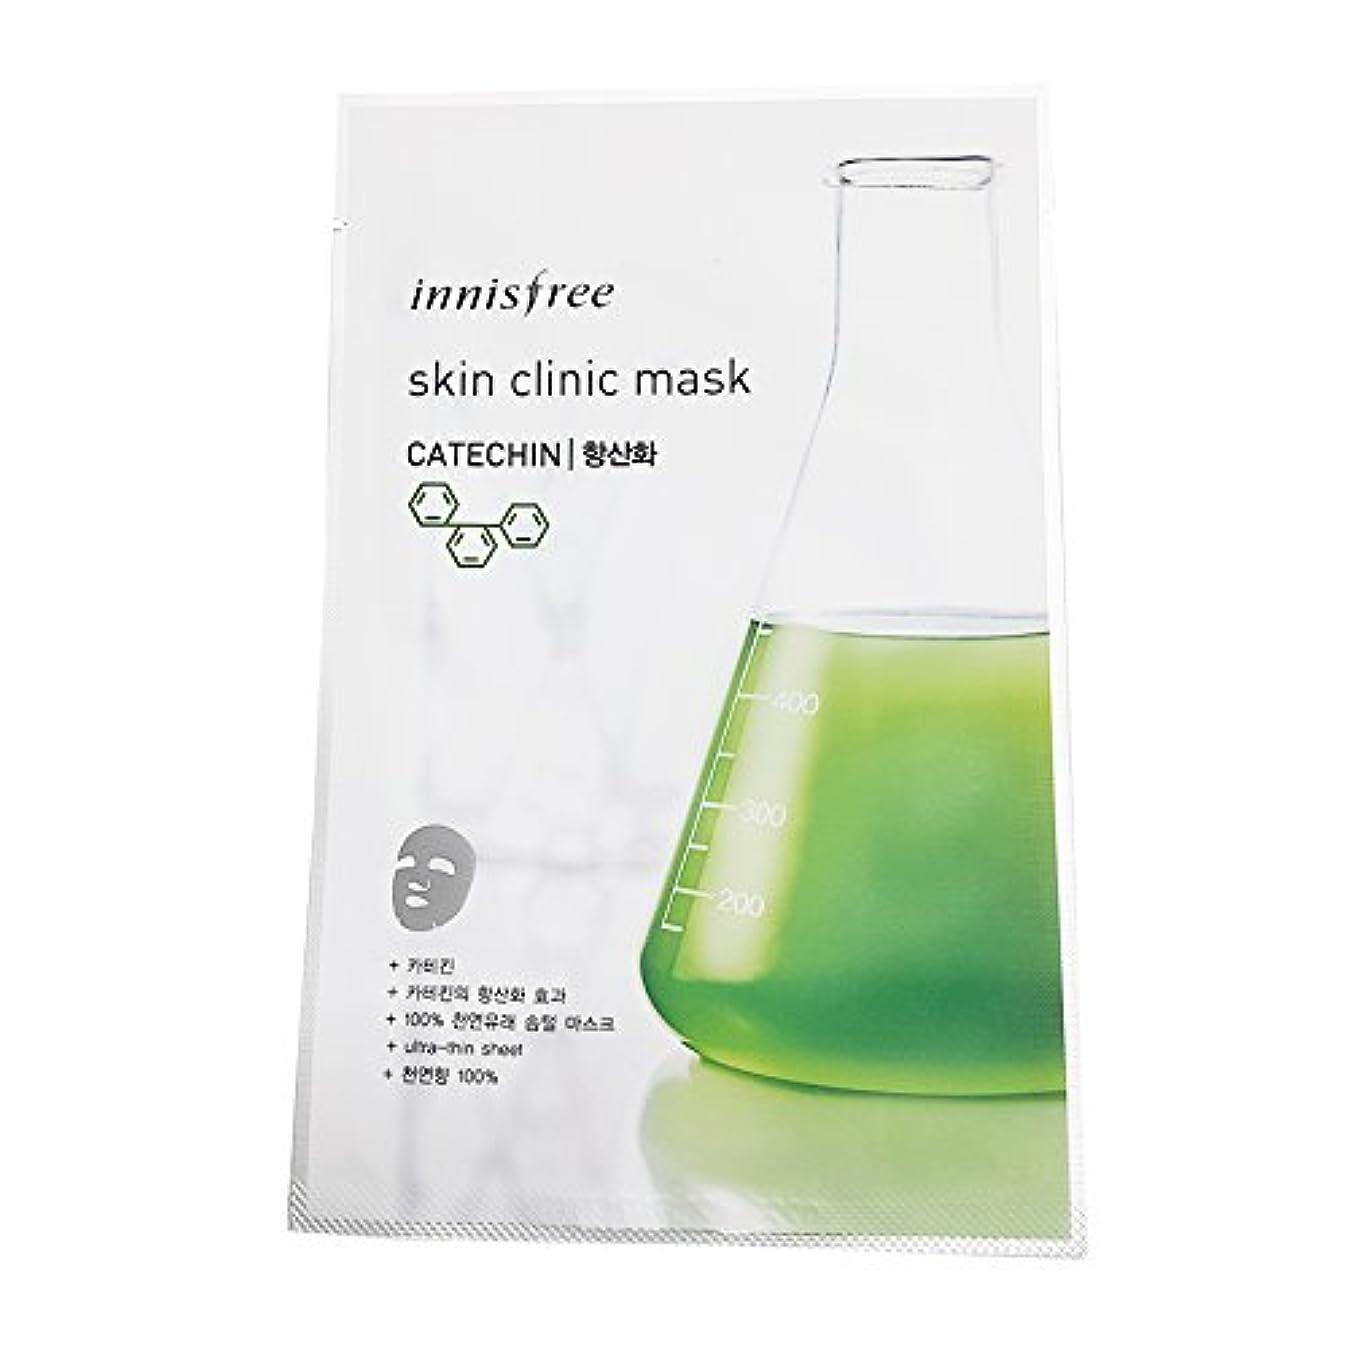 賃金守る突進[イニスプリー] Innisfree スキンクリニックマスク(20ml)-カテキン(抗酸化用) Innisfree Skin Clinic Mask(20ml)-Catechin for Antioxidant Effect...